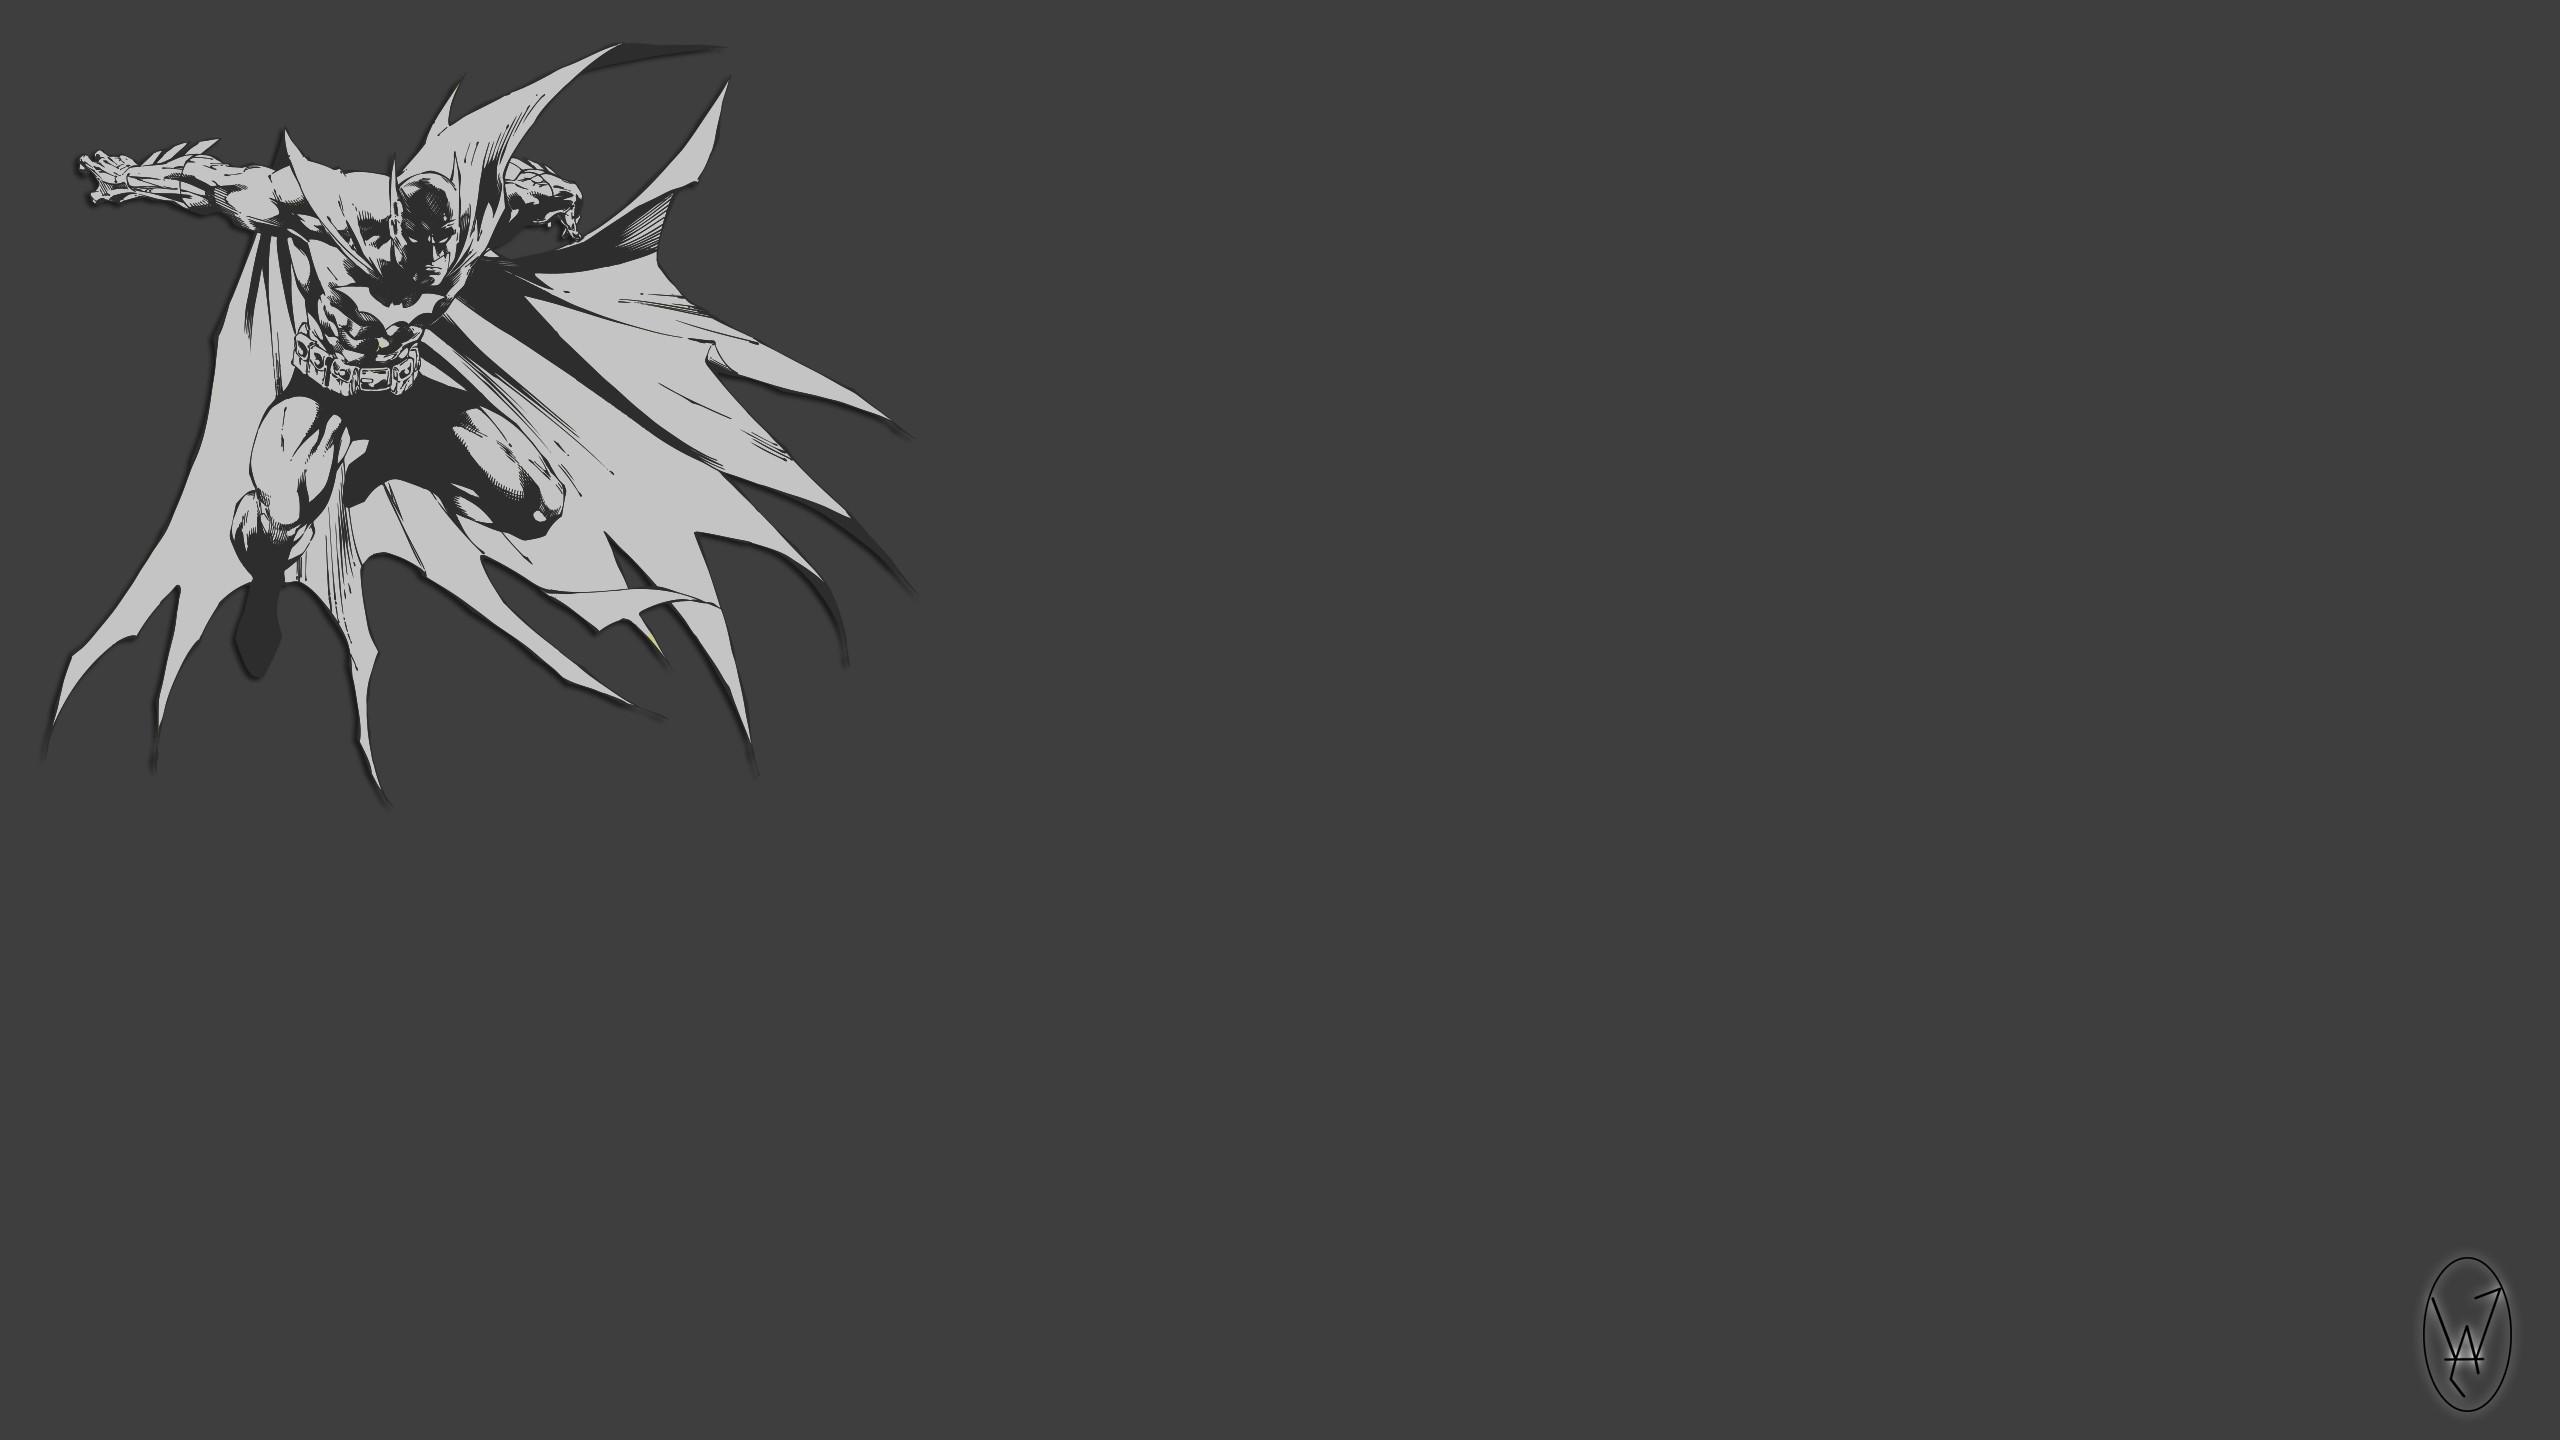 Wallpaper Drawing The Dark Knight Batman Logo Vector Art